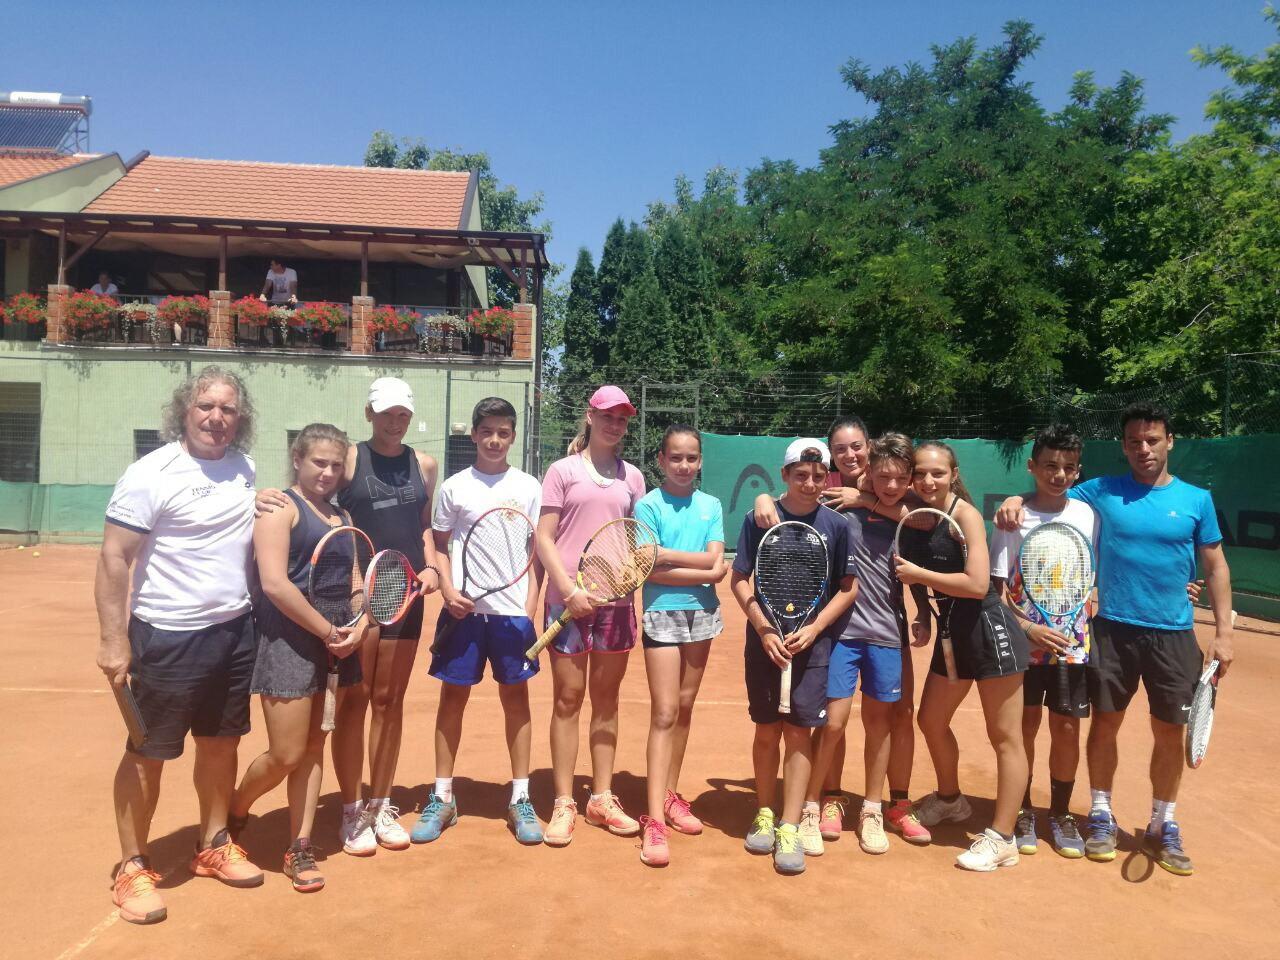 Teniseri i teniserke iz Italije na usavršavanju u Teniskoj akademiji Živković